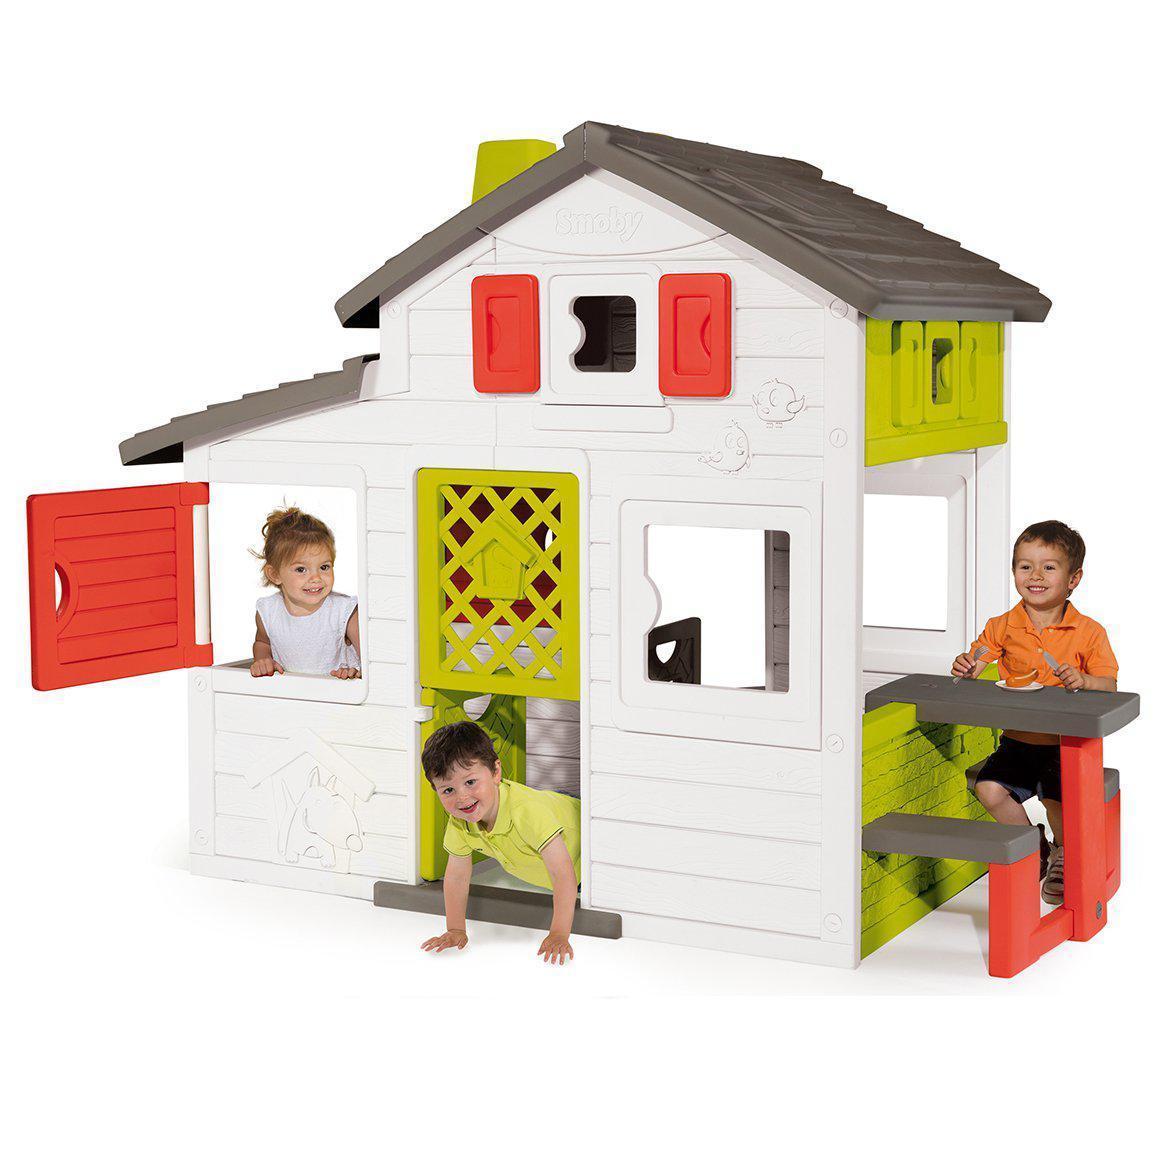 Детский игровой домик с кухней и столиком Smoby 810200 для детей